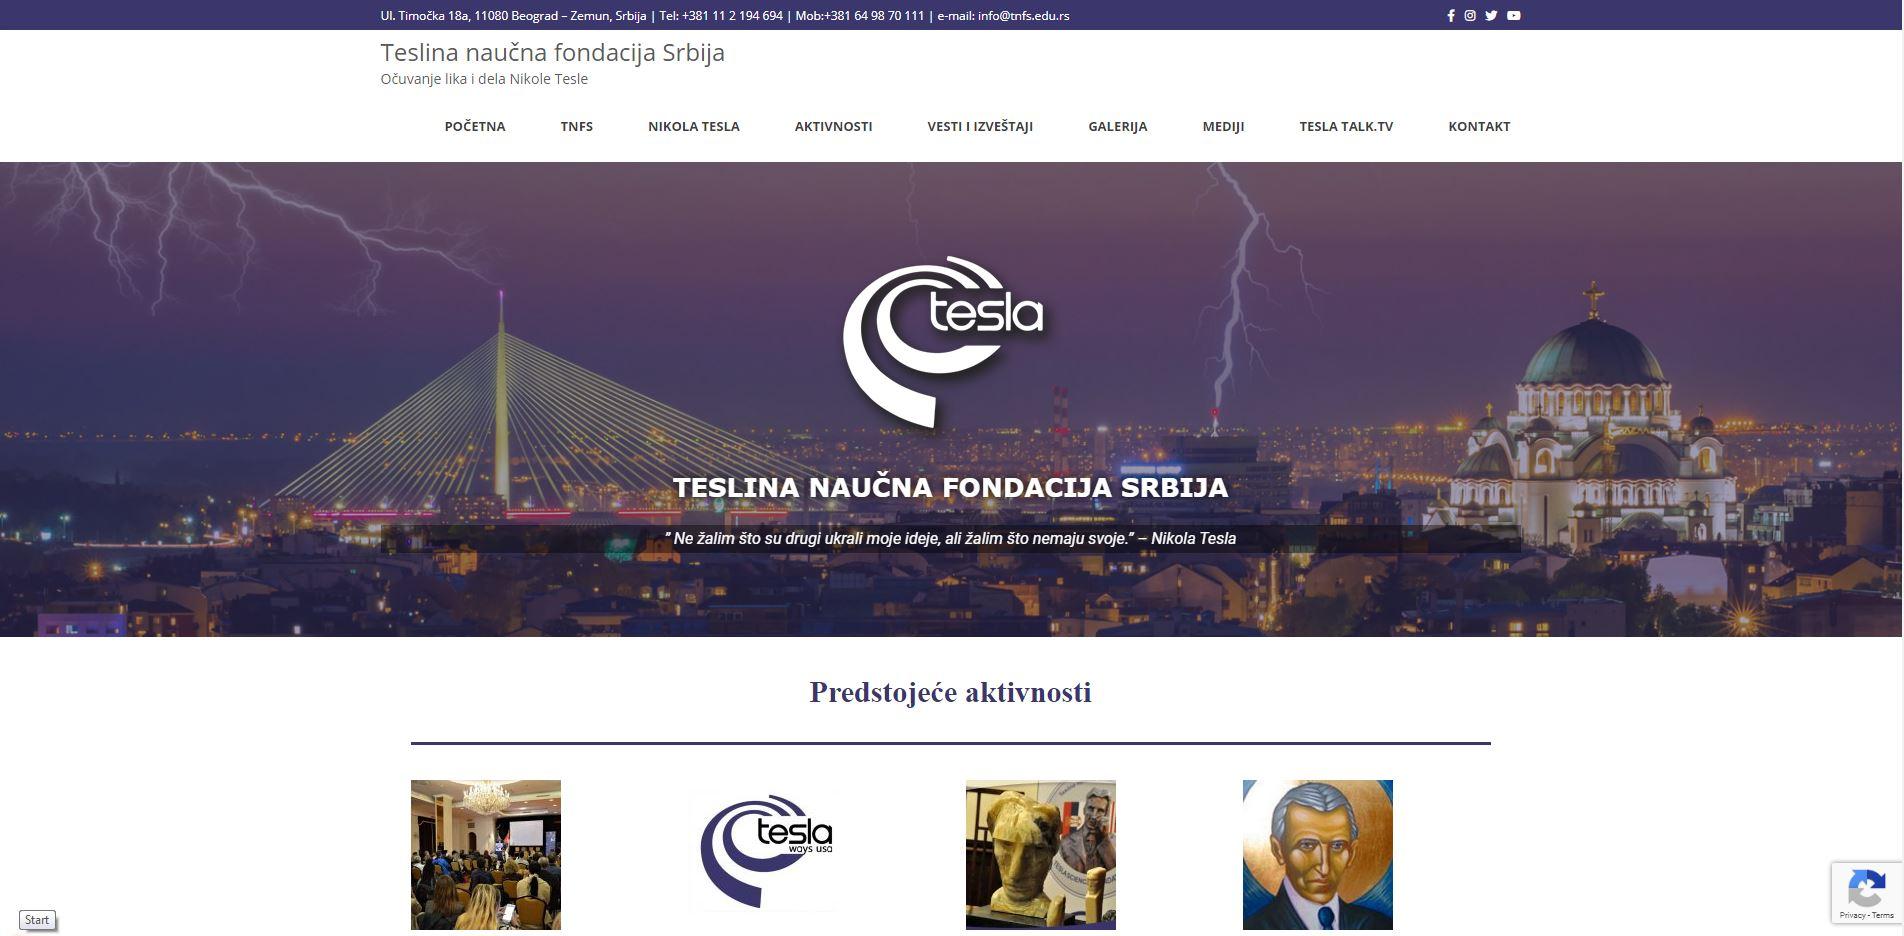 Teslina naučna fondacija Srbije